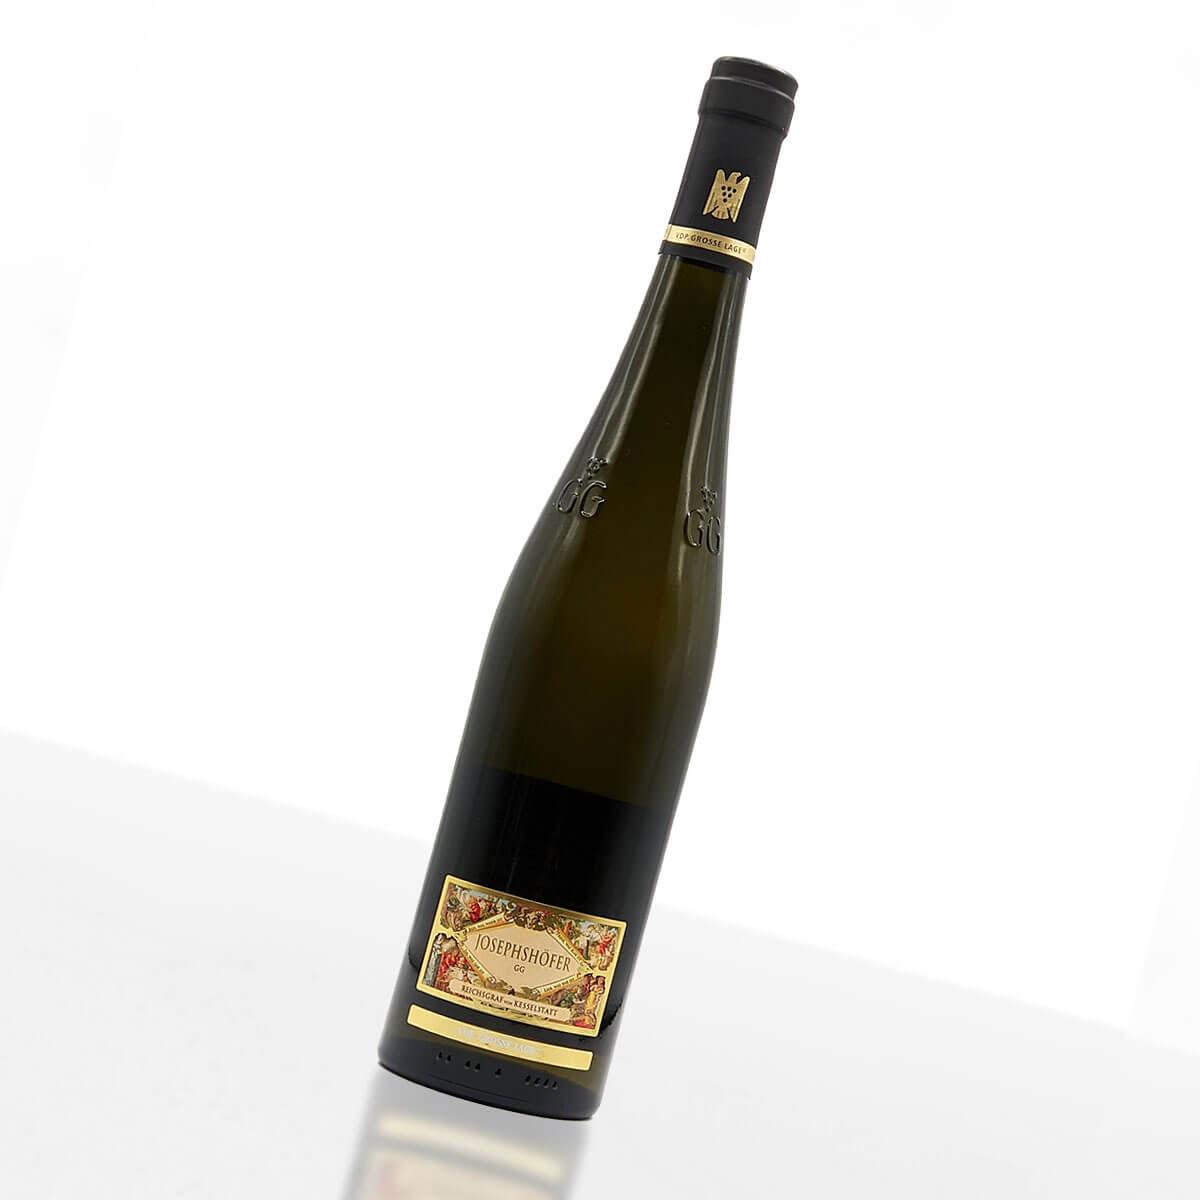 2018er Josephshöfer GG Riesling trocken • Weingut Reichsgraf von Kesselstatt